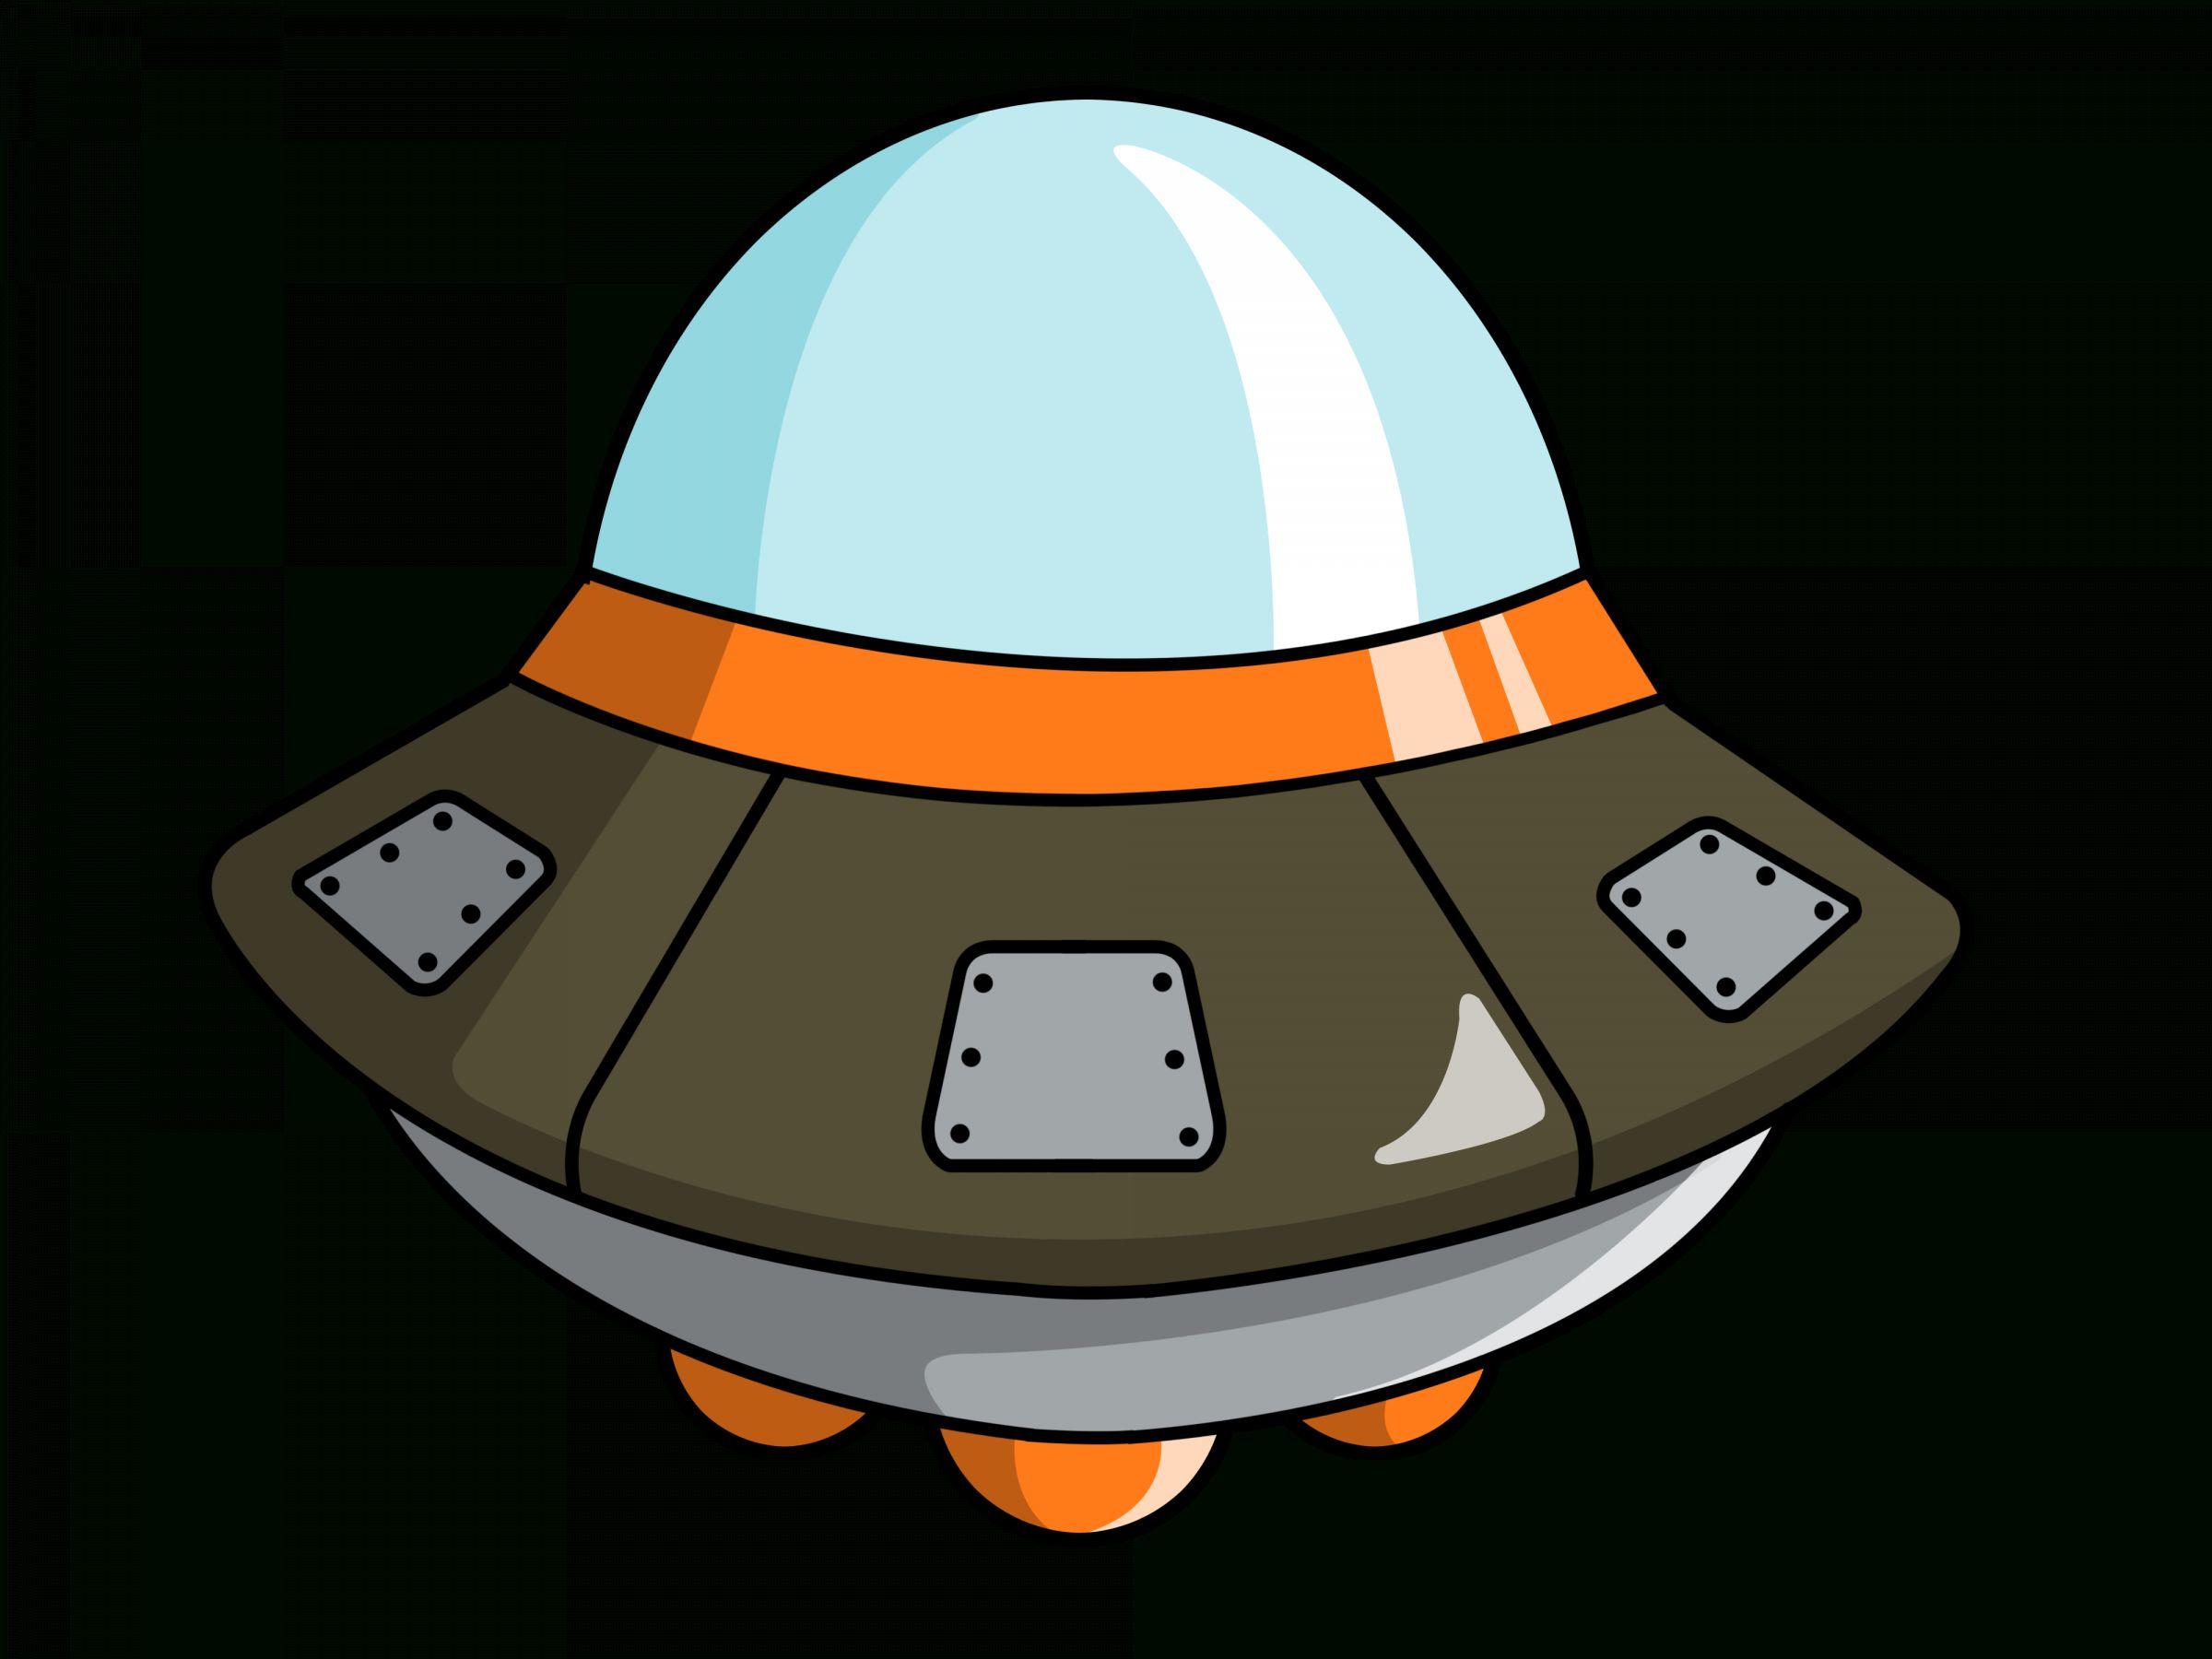 Rocket Ship Google Search Cartoon Spaceship Clip Art Spaceship Clipart